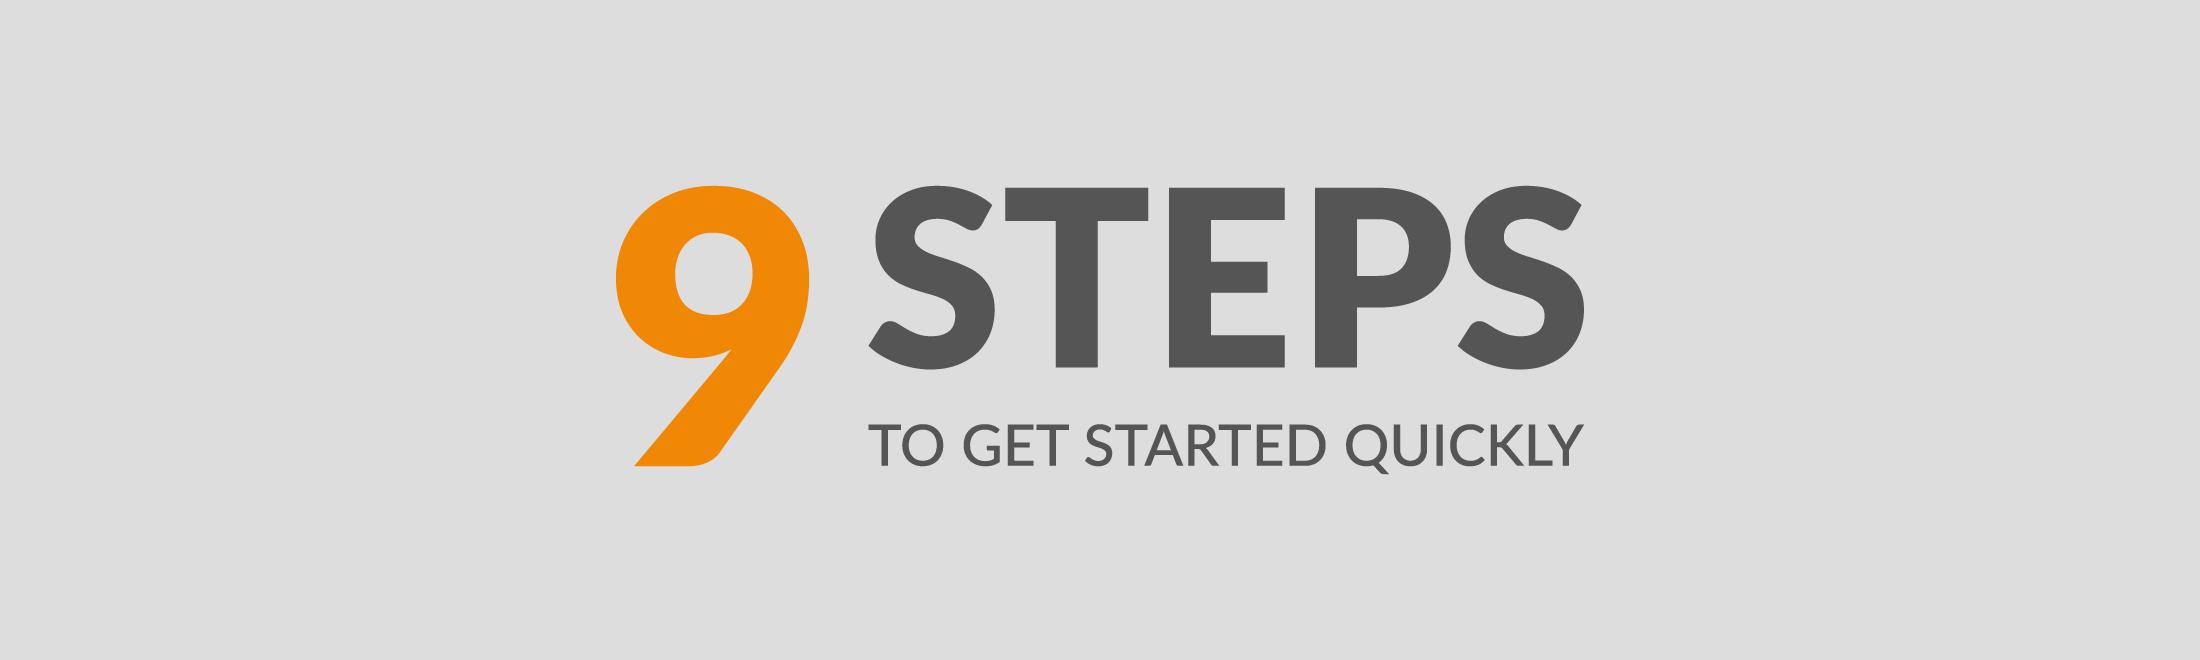 Starten Sie mit draw.io in nur 9 Schritten.